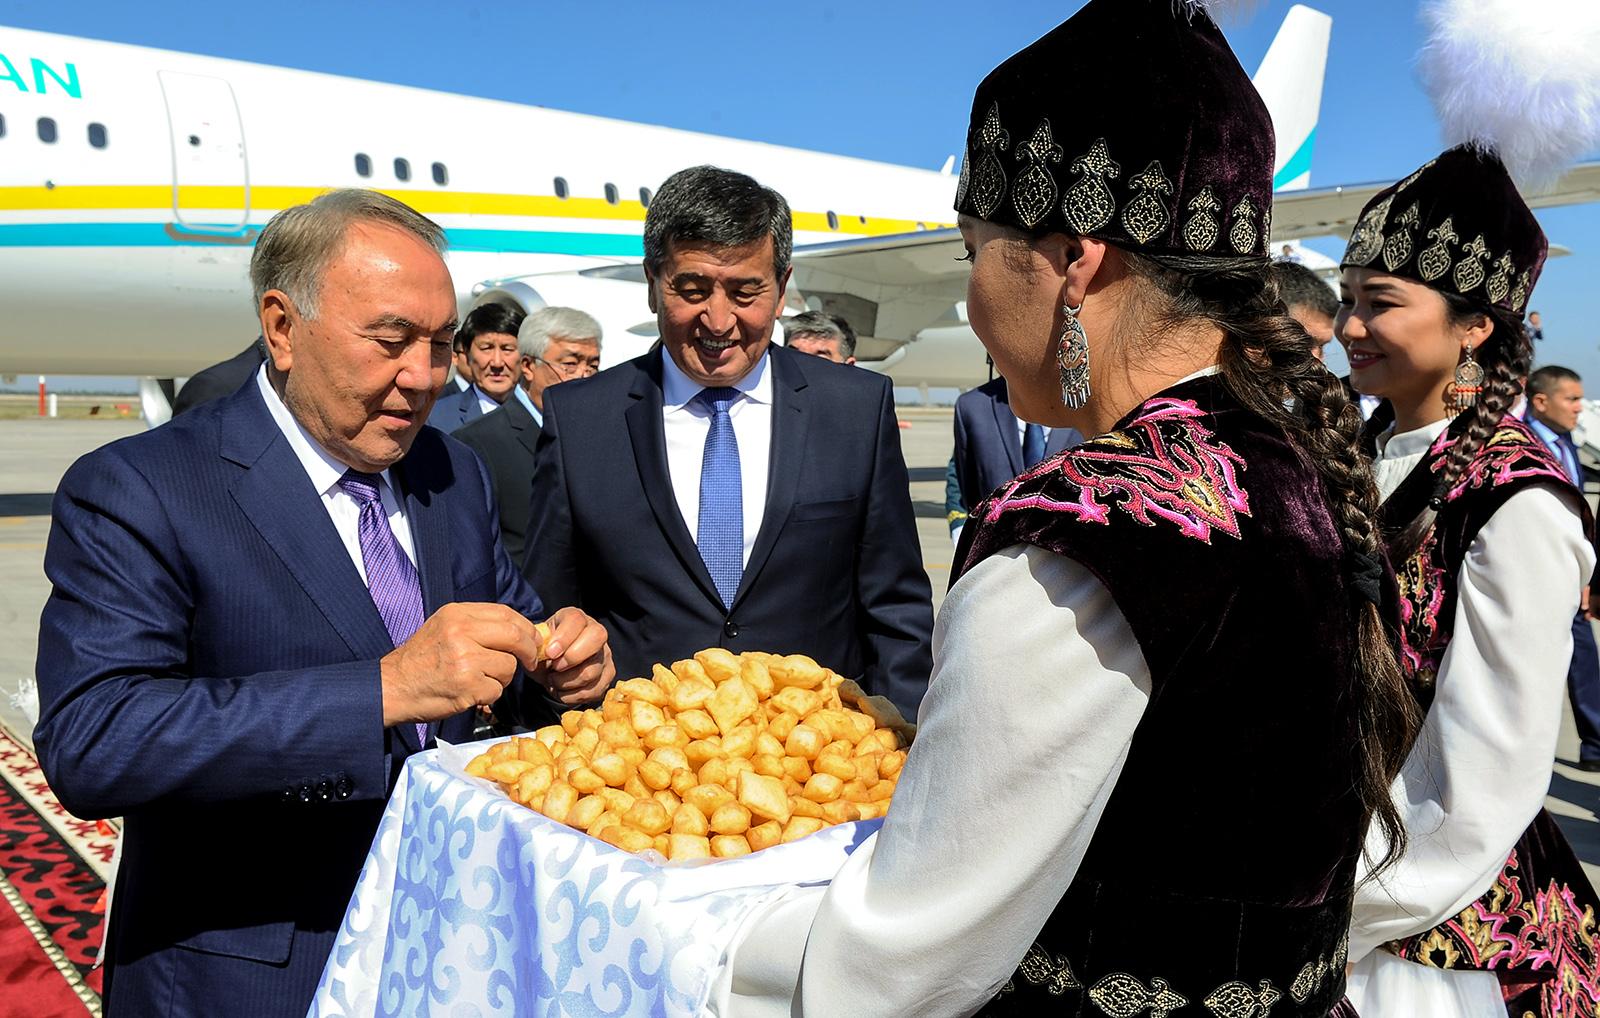 ВКыргызстан прибыл президент Казахстана Нурсултан Назарбаев